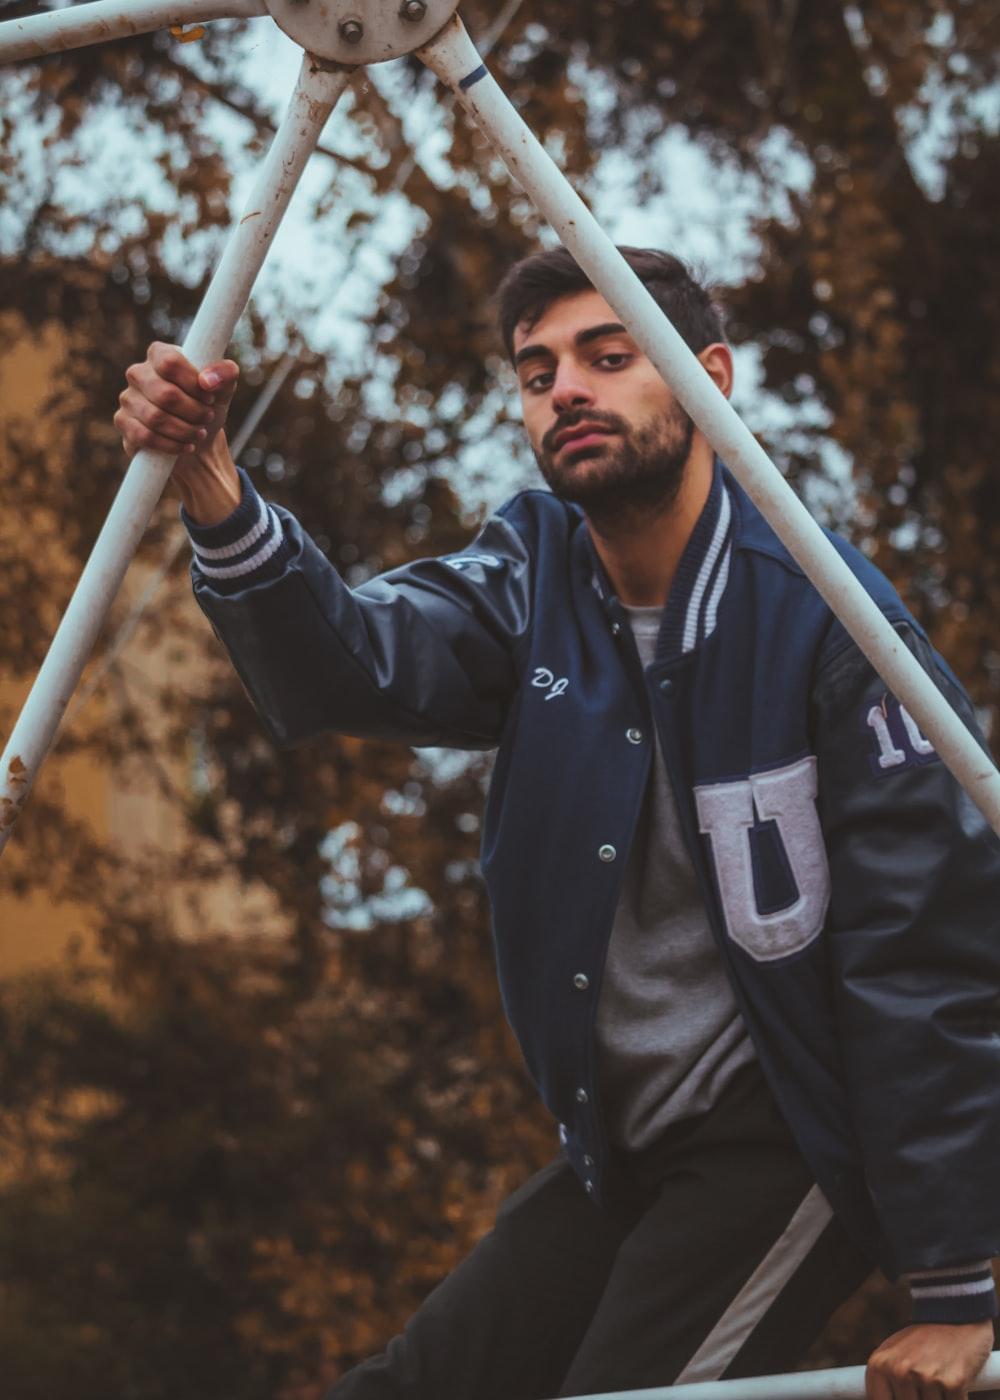 man holding white metal frame during daytime